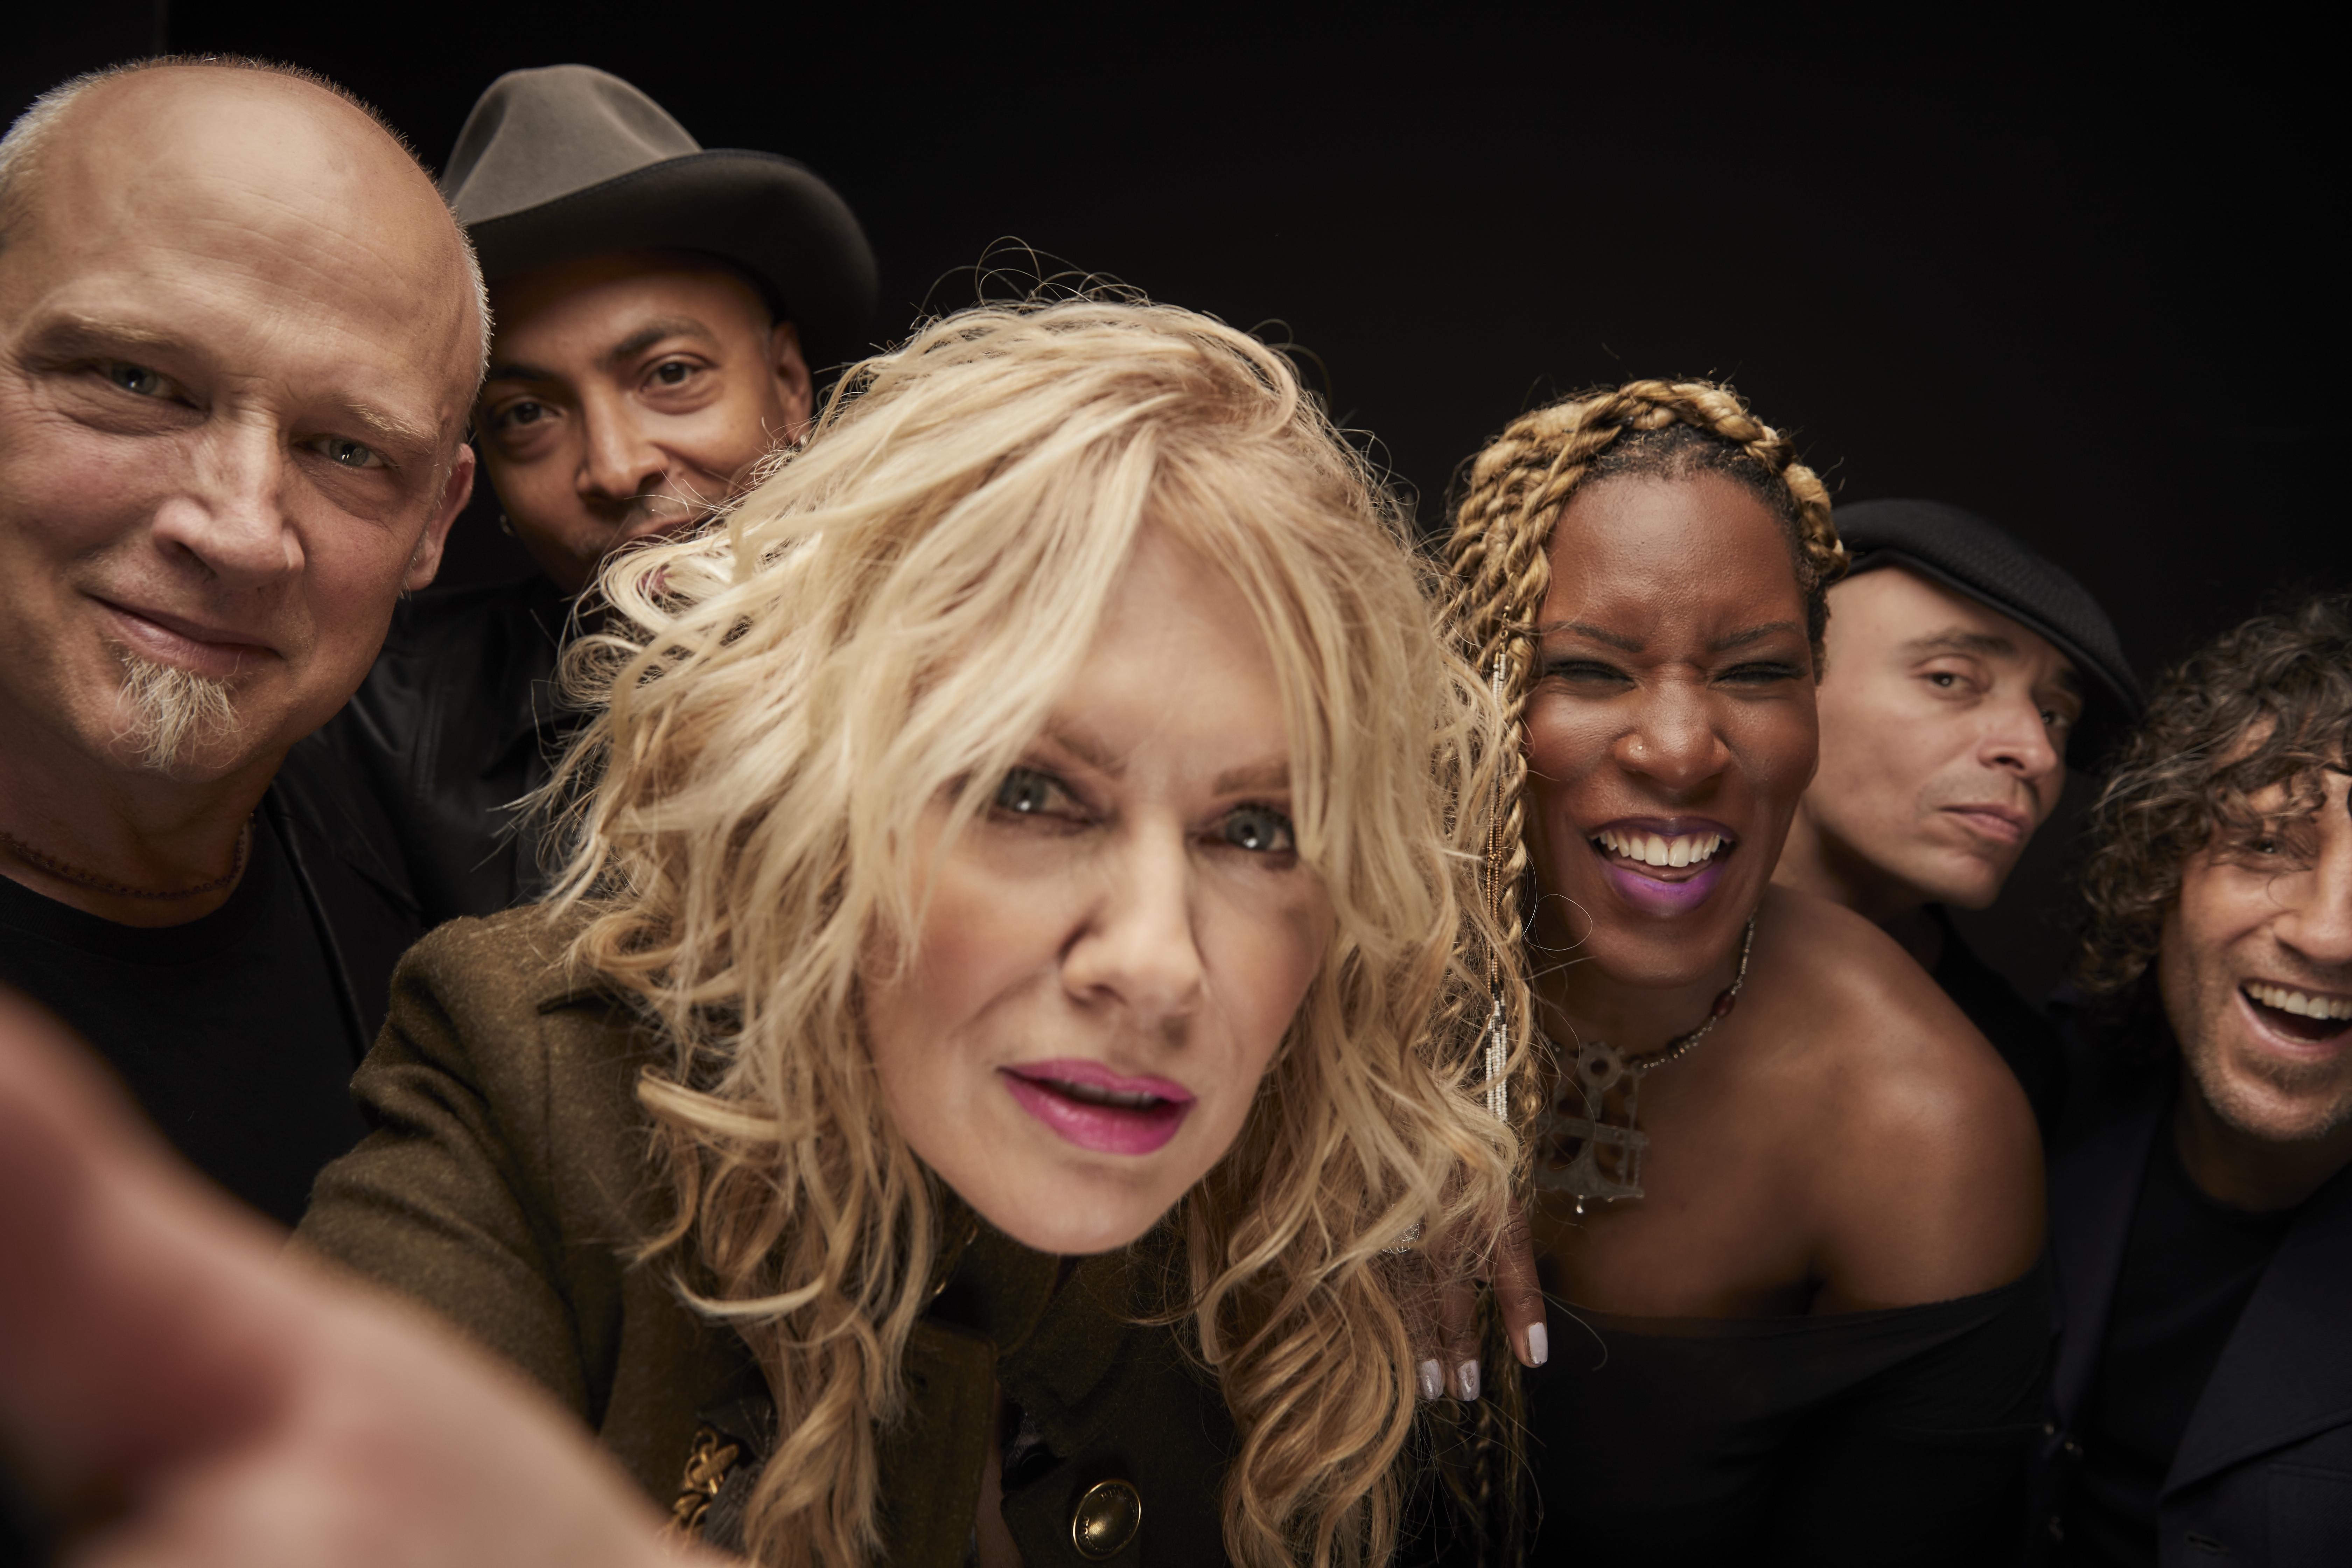 Bob Seger inspires Heart's Nancy Wilson as her new band